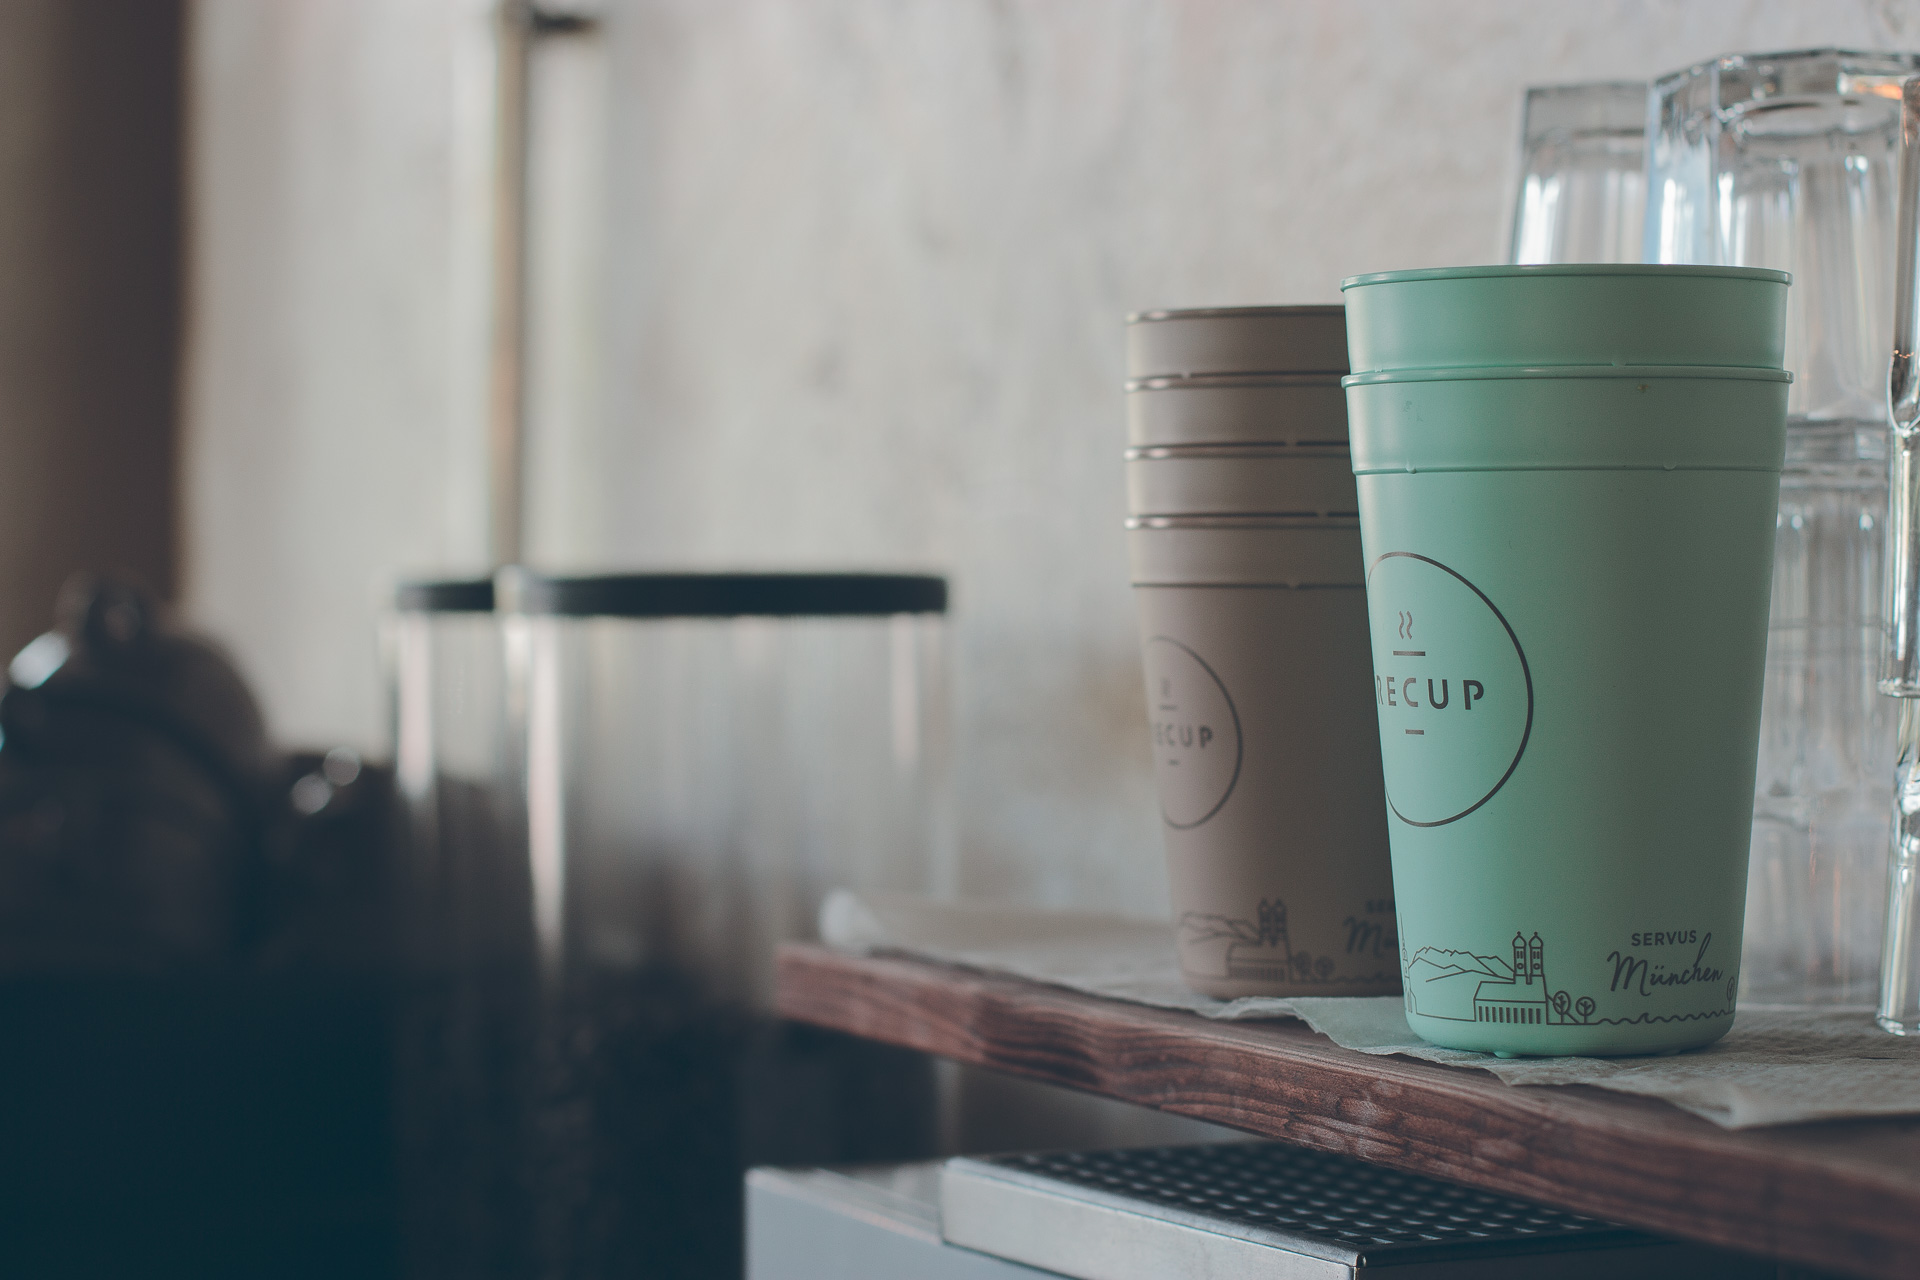 Produktfoto von zwei Stapeln Recup Becher in einem Café in München